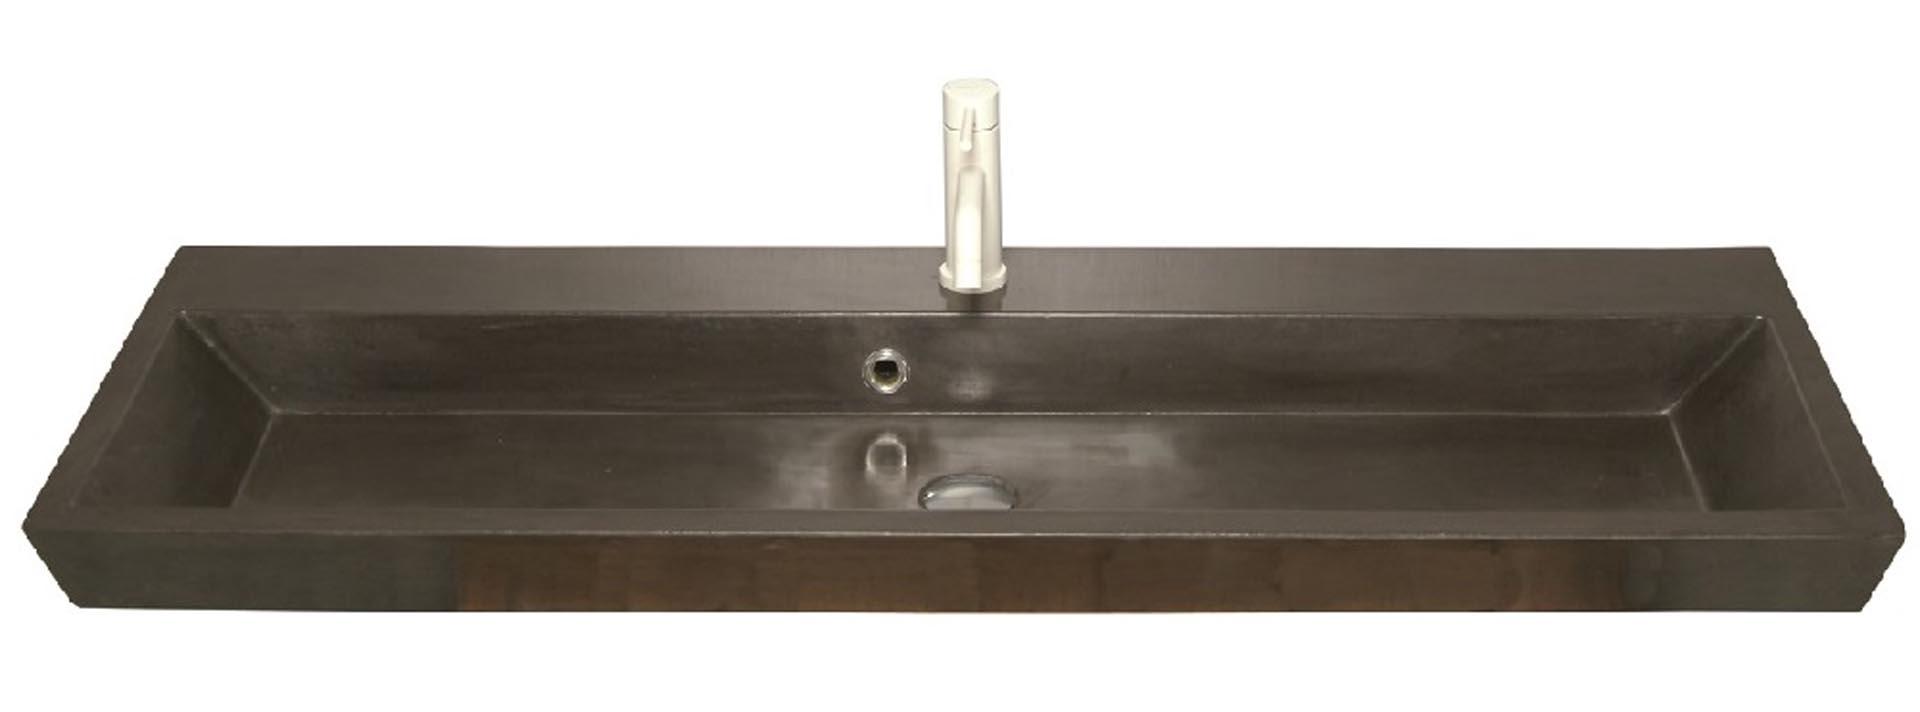 Lækker og simpel beton håndvask, med pæne afrundinger. Farven er i koksgrå - en fantastik flot og moderne betonfarve, der passer ind i ethvert badeværelse. Beton tåler ikke stærke rengøringsmidler, eller syreholdige produkter. Vi anbefaler derfor, at vasken rengøres i pH neutralt rengøringsmiddel. Vasken har målene: 120,5 x 35,5 x 11 cm. Materialet er normal beton som er blevet støbt i en form og bagefter vibreret for at få luftlommer ud af råmaterialet. Vasken kan bruges som fritstående vask - da vasken er flad i bunden er den velegnet til at placere direkte på en bordplade. Vasken er hensynsmæssigt designet med fine rundinger, som både giver vasken et eksklusivt udtryk og gør den rengøringsvenlig. Vasken vedligeholdes med voks - vi anbefaler en behandling med vores egen naturvoks ID12002 et par gange om året for at opnå optimalt look.